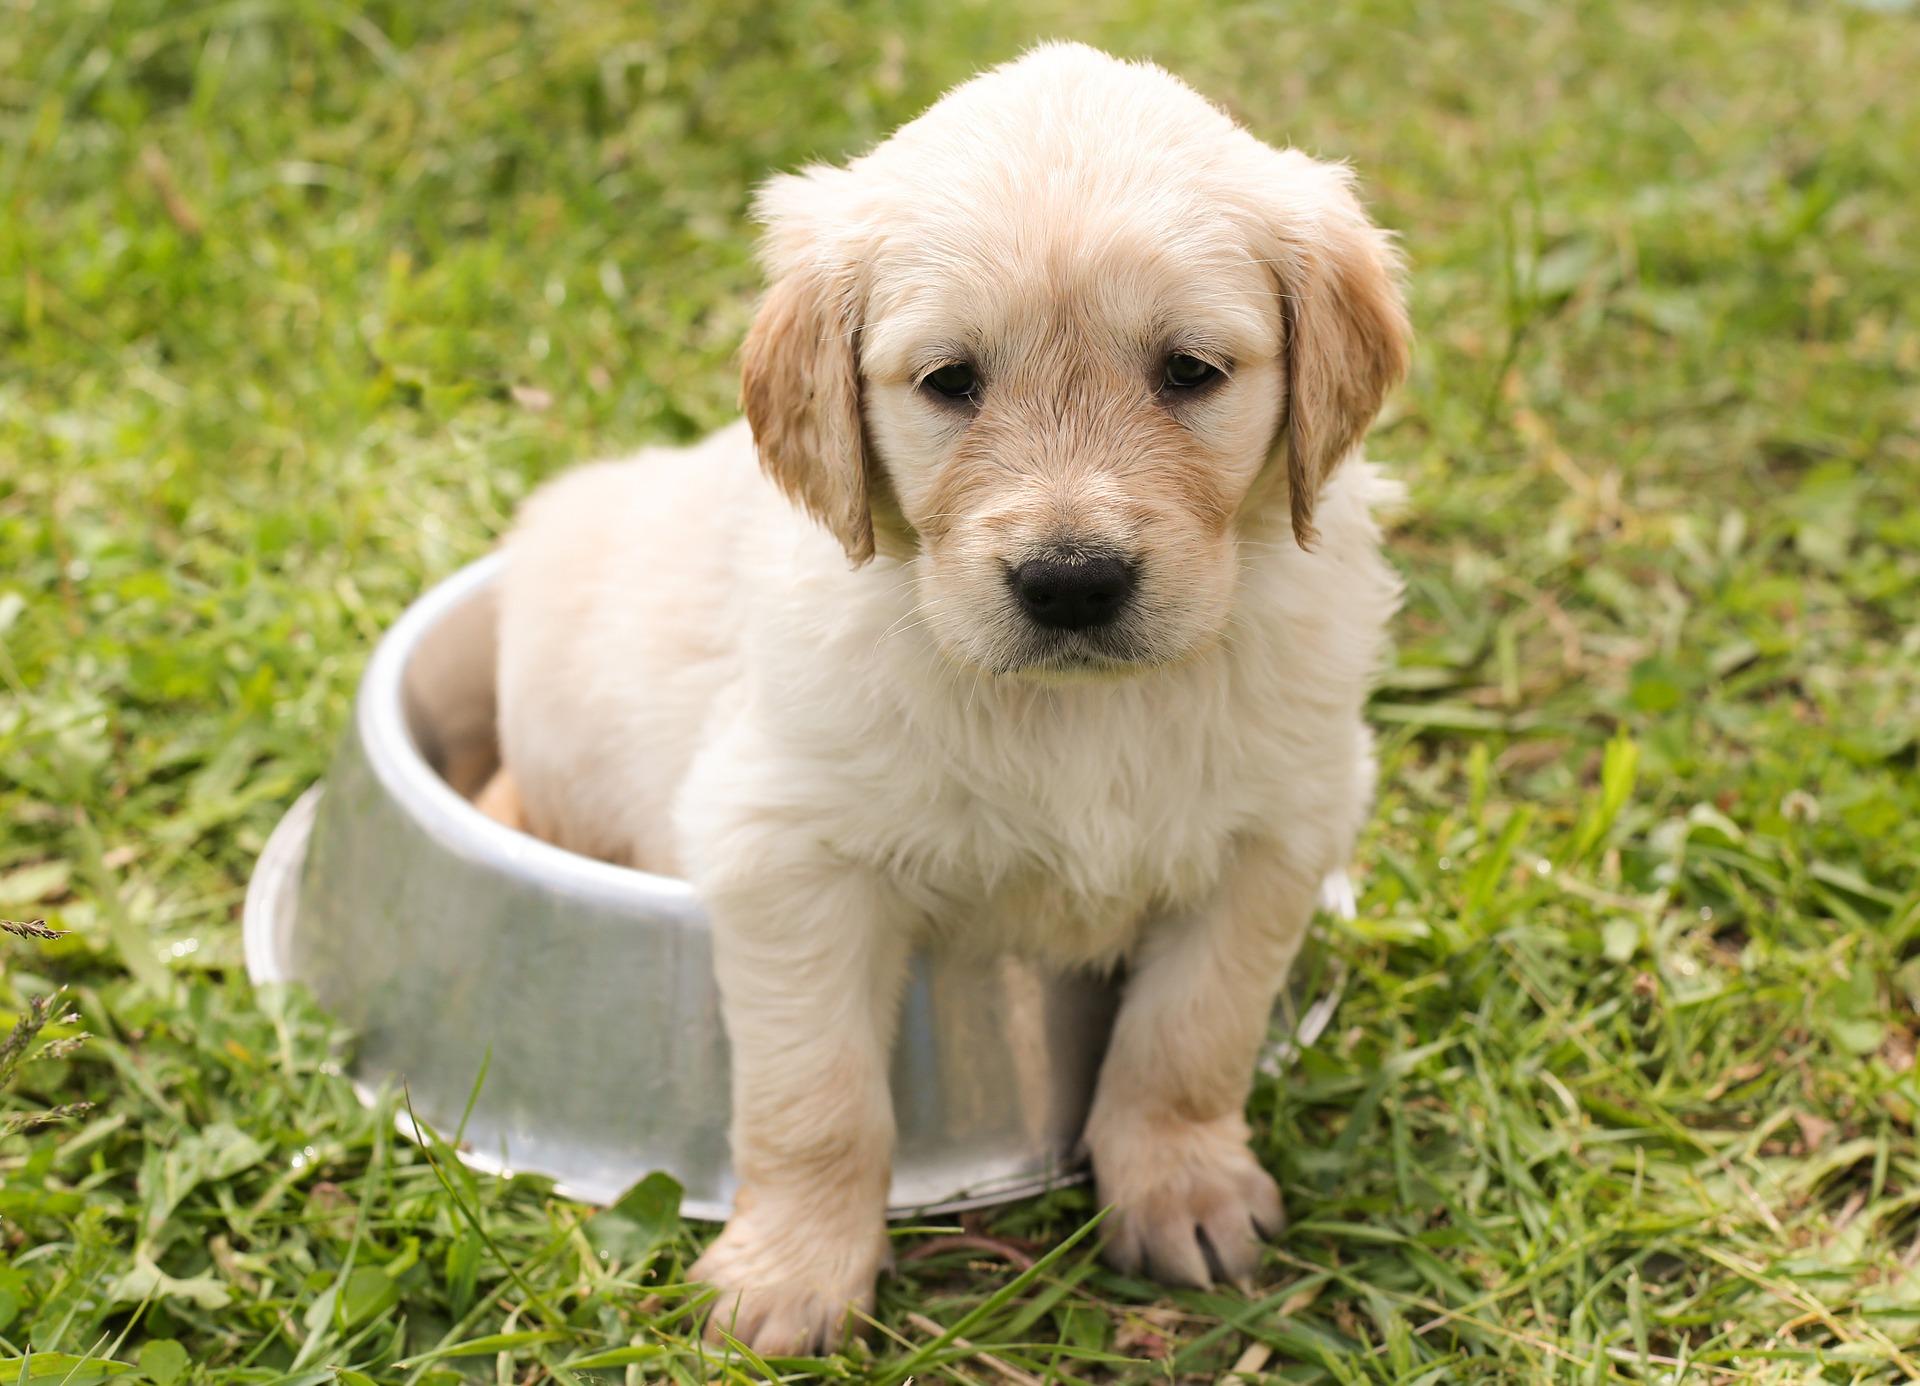 Zomertips voor je hond - LITOPET rozenbottelextract